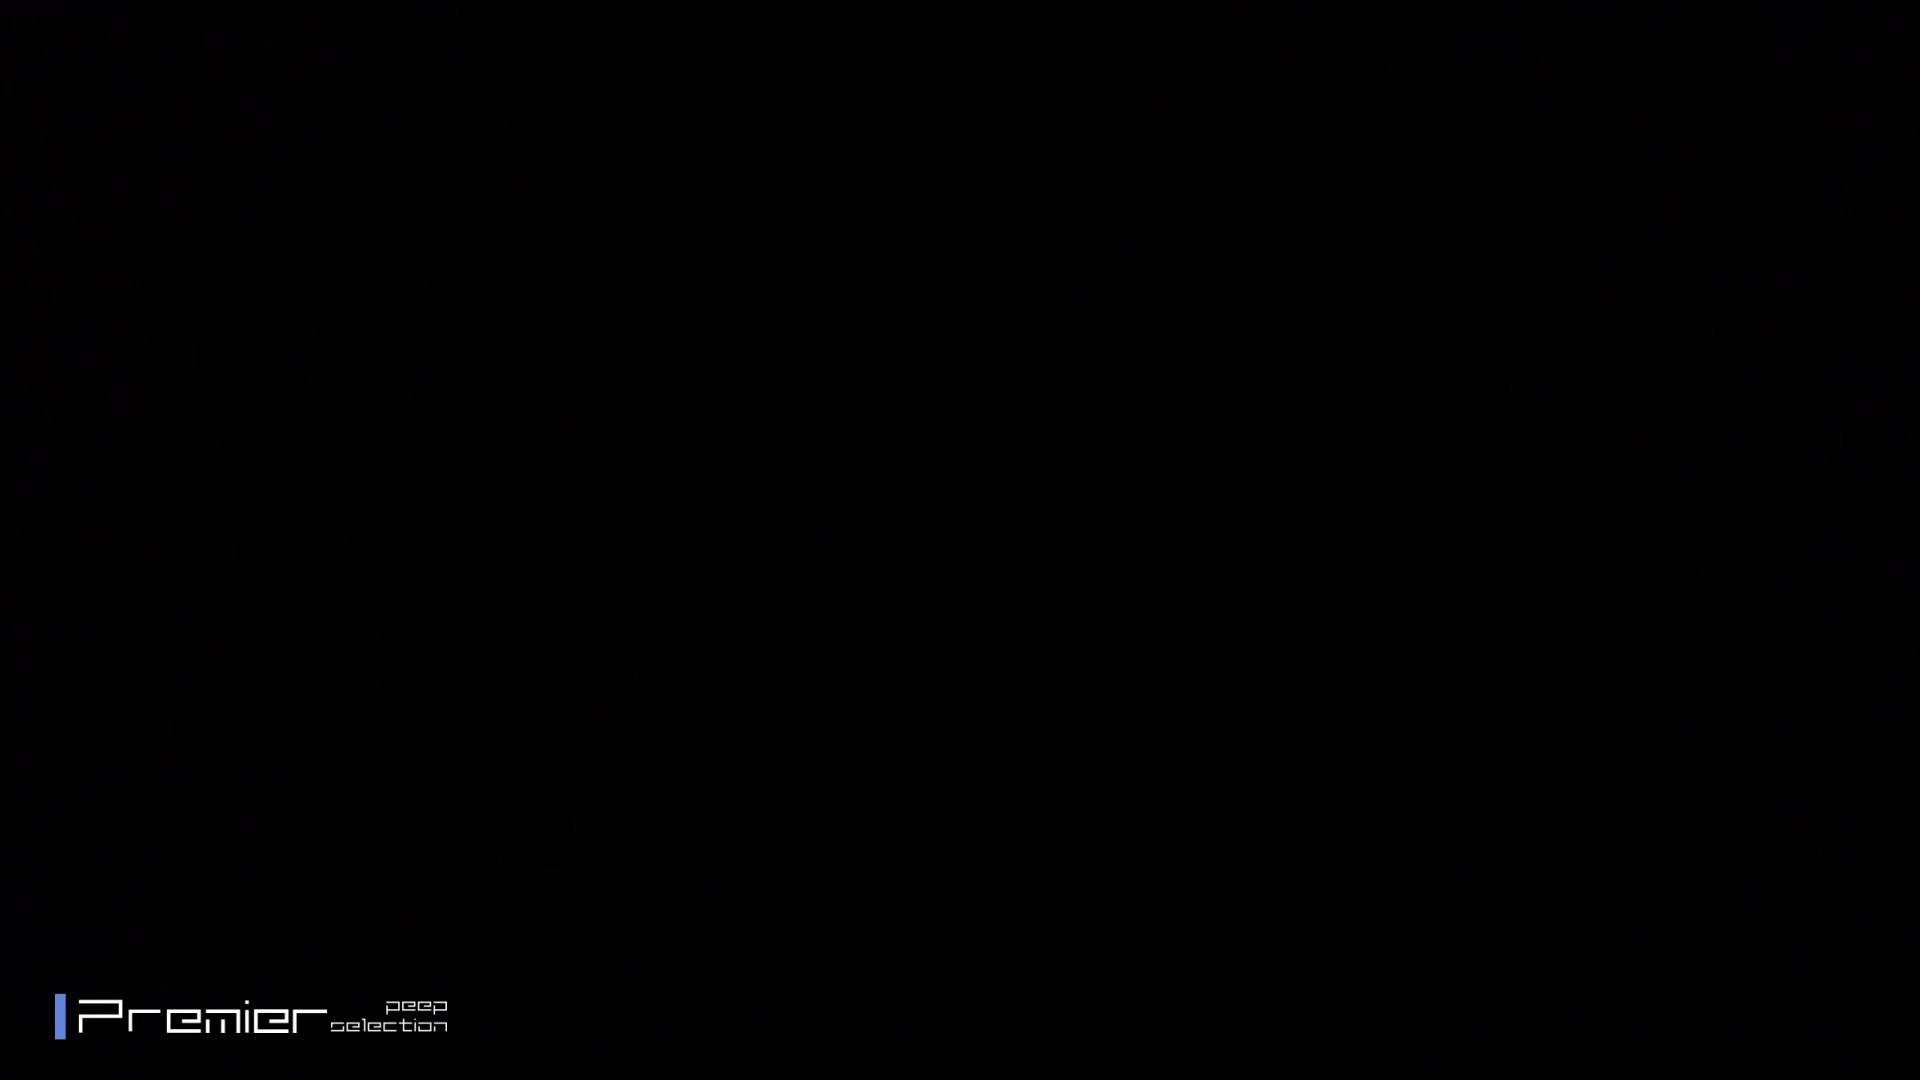 巨乳 乳首:シャワーのお湯を跳ね返すお肌 乙女の風呂場 Vol.03:怪盗ジョーカー